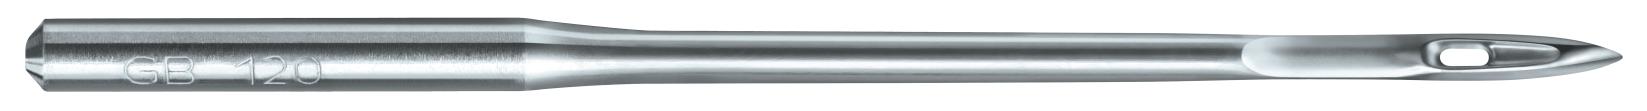 Швейная игла Groz-Beckert 134 LR №150 для кожи